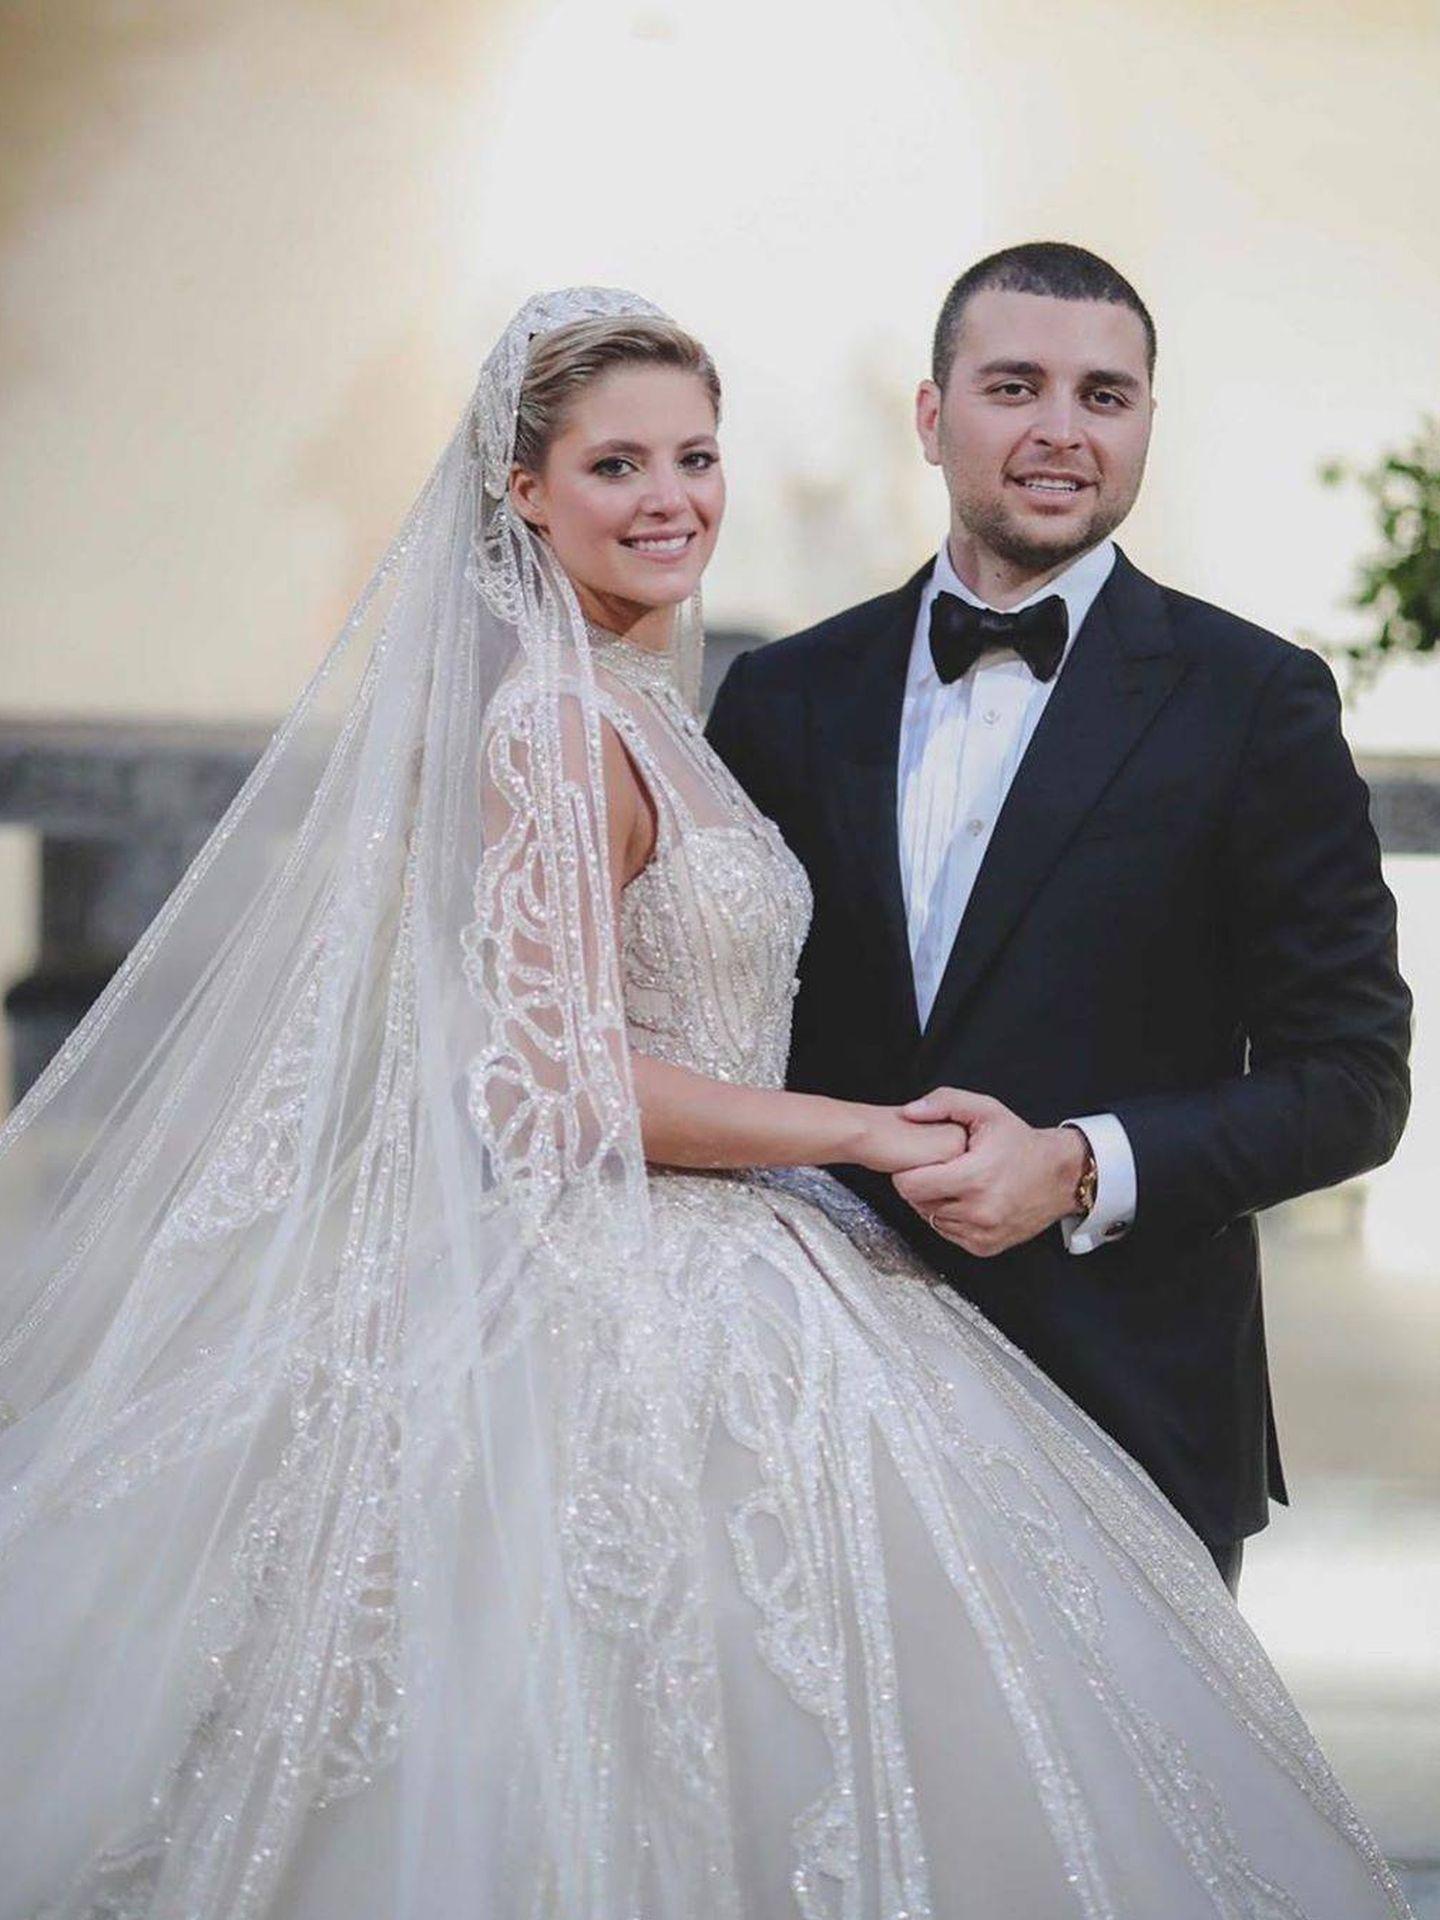 Christina Mourad y Elie Saab Junior (Elie Saab World)